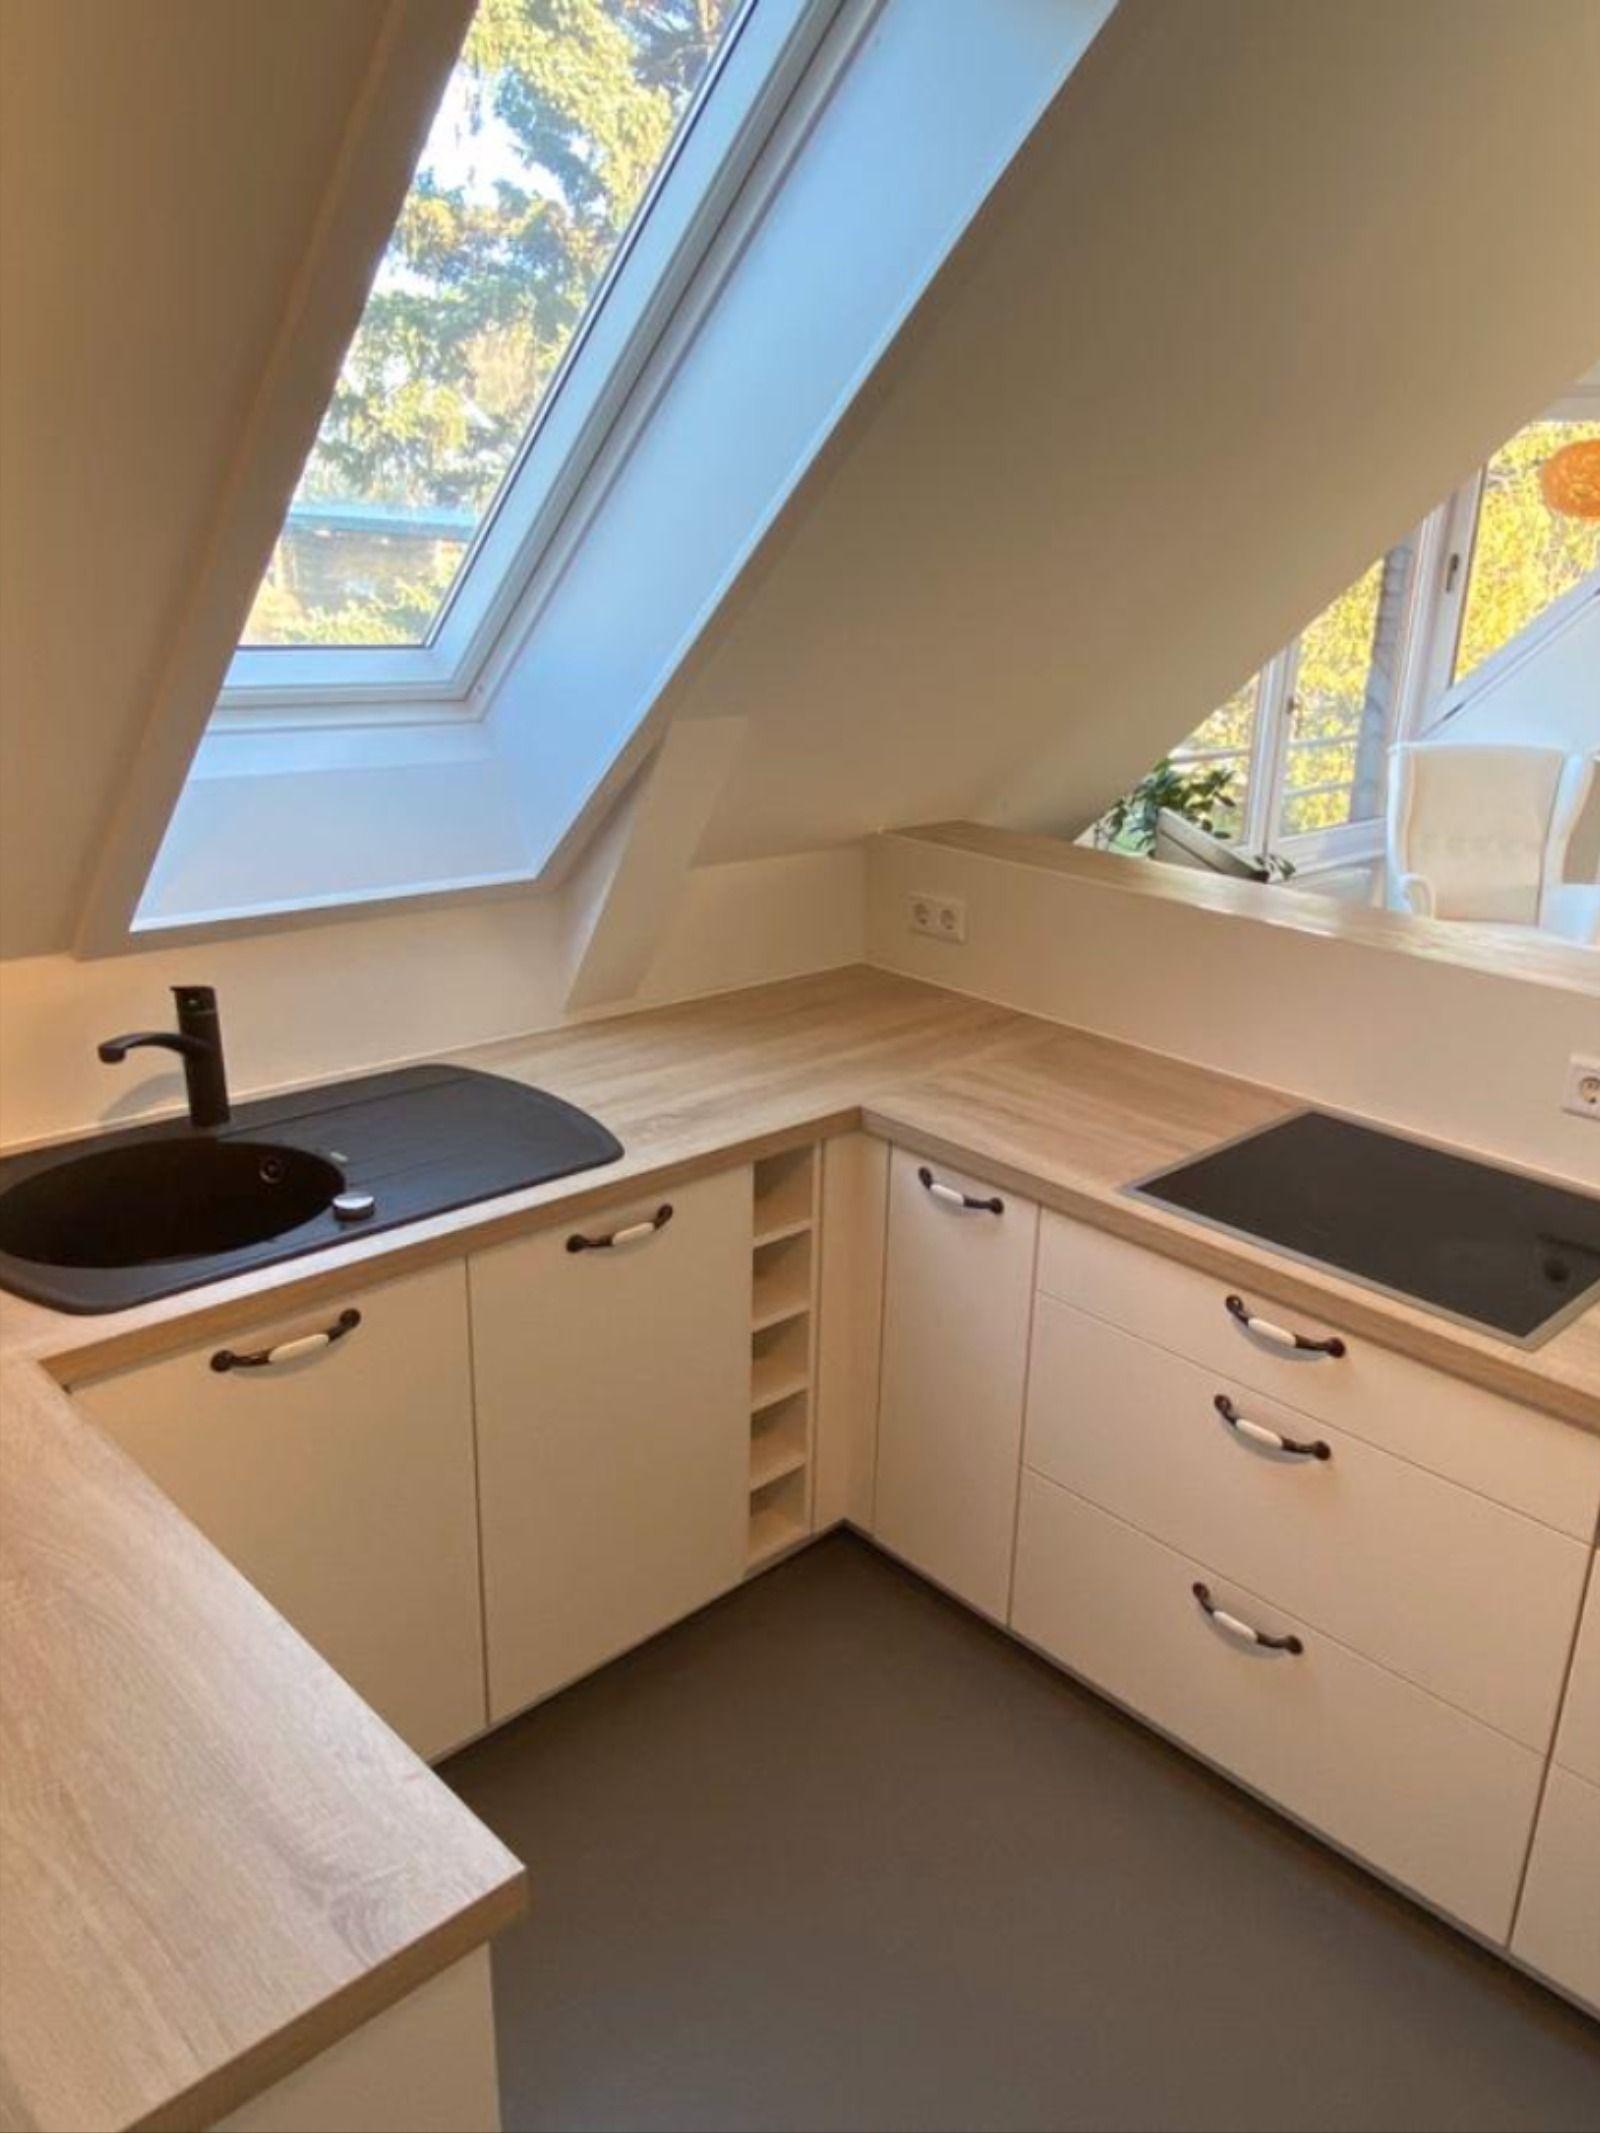 Einbauküche unter einer Dachschräge in 15  Küche dachschräge